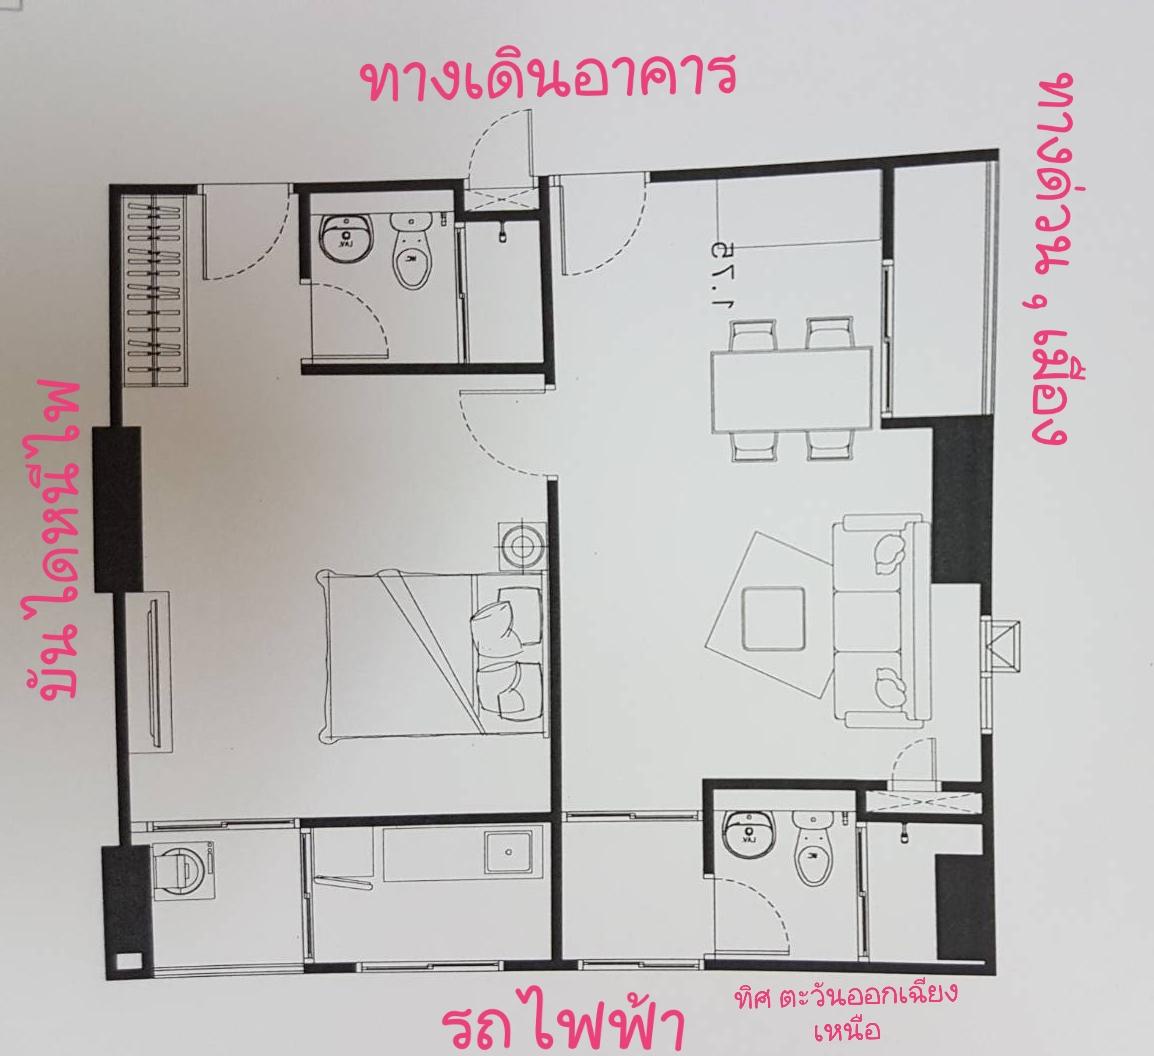 รูปของประกาศขายดาวน์คอนโดรีเจ้นท์ โฮม บางซ่อน(1 ห้องนอน)(2)